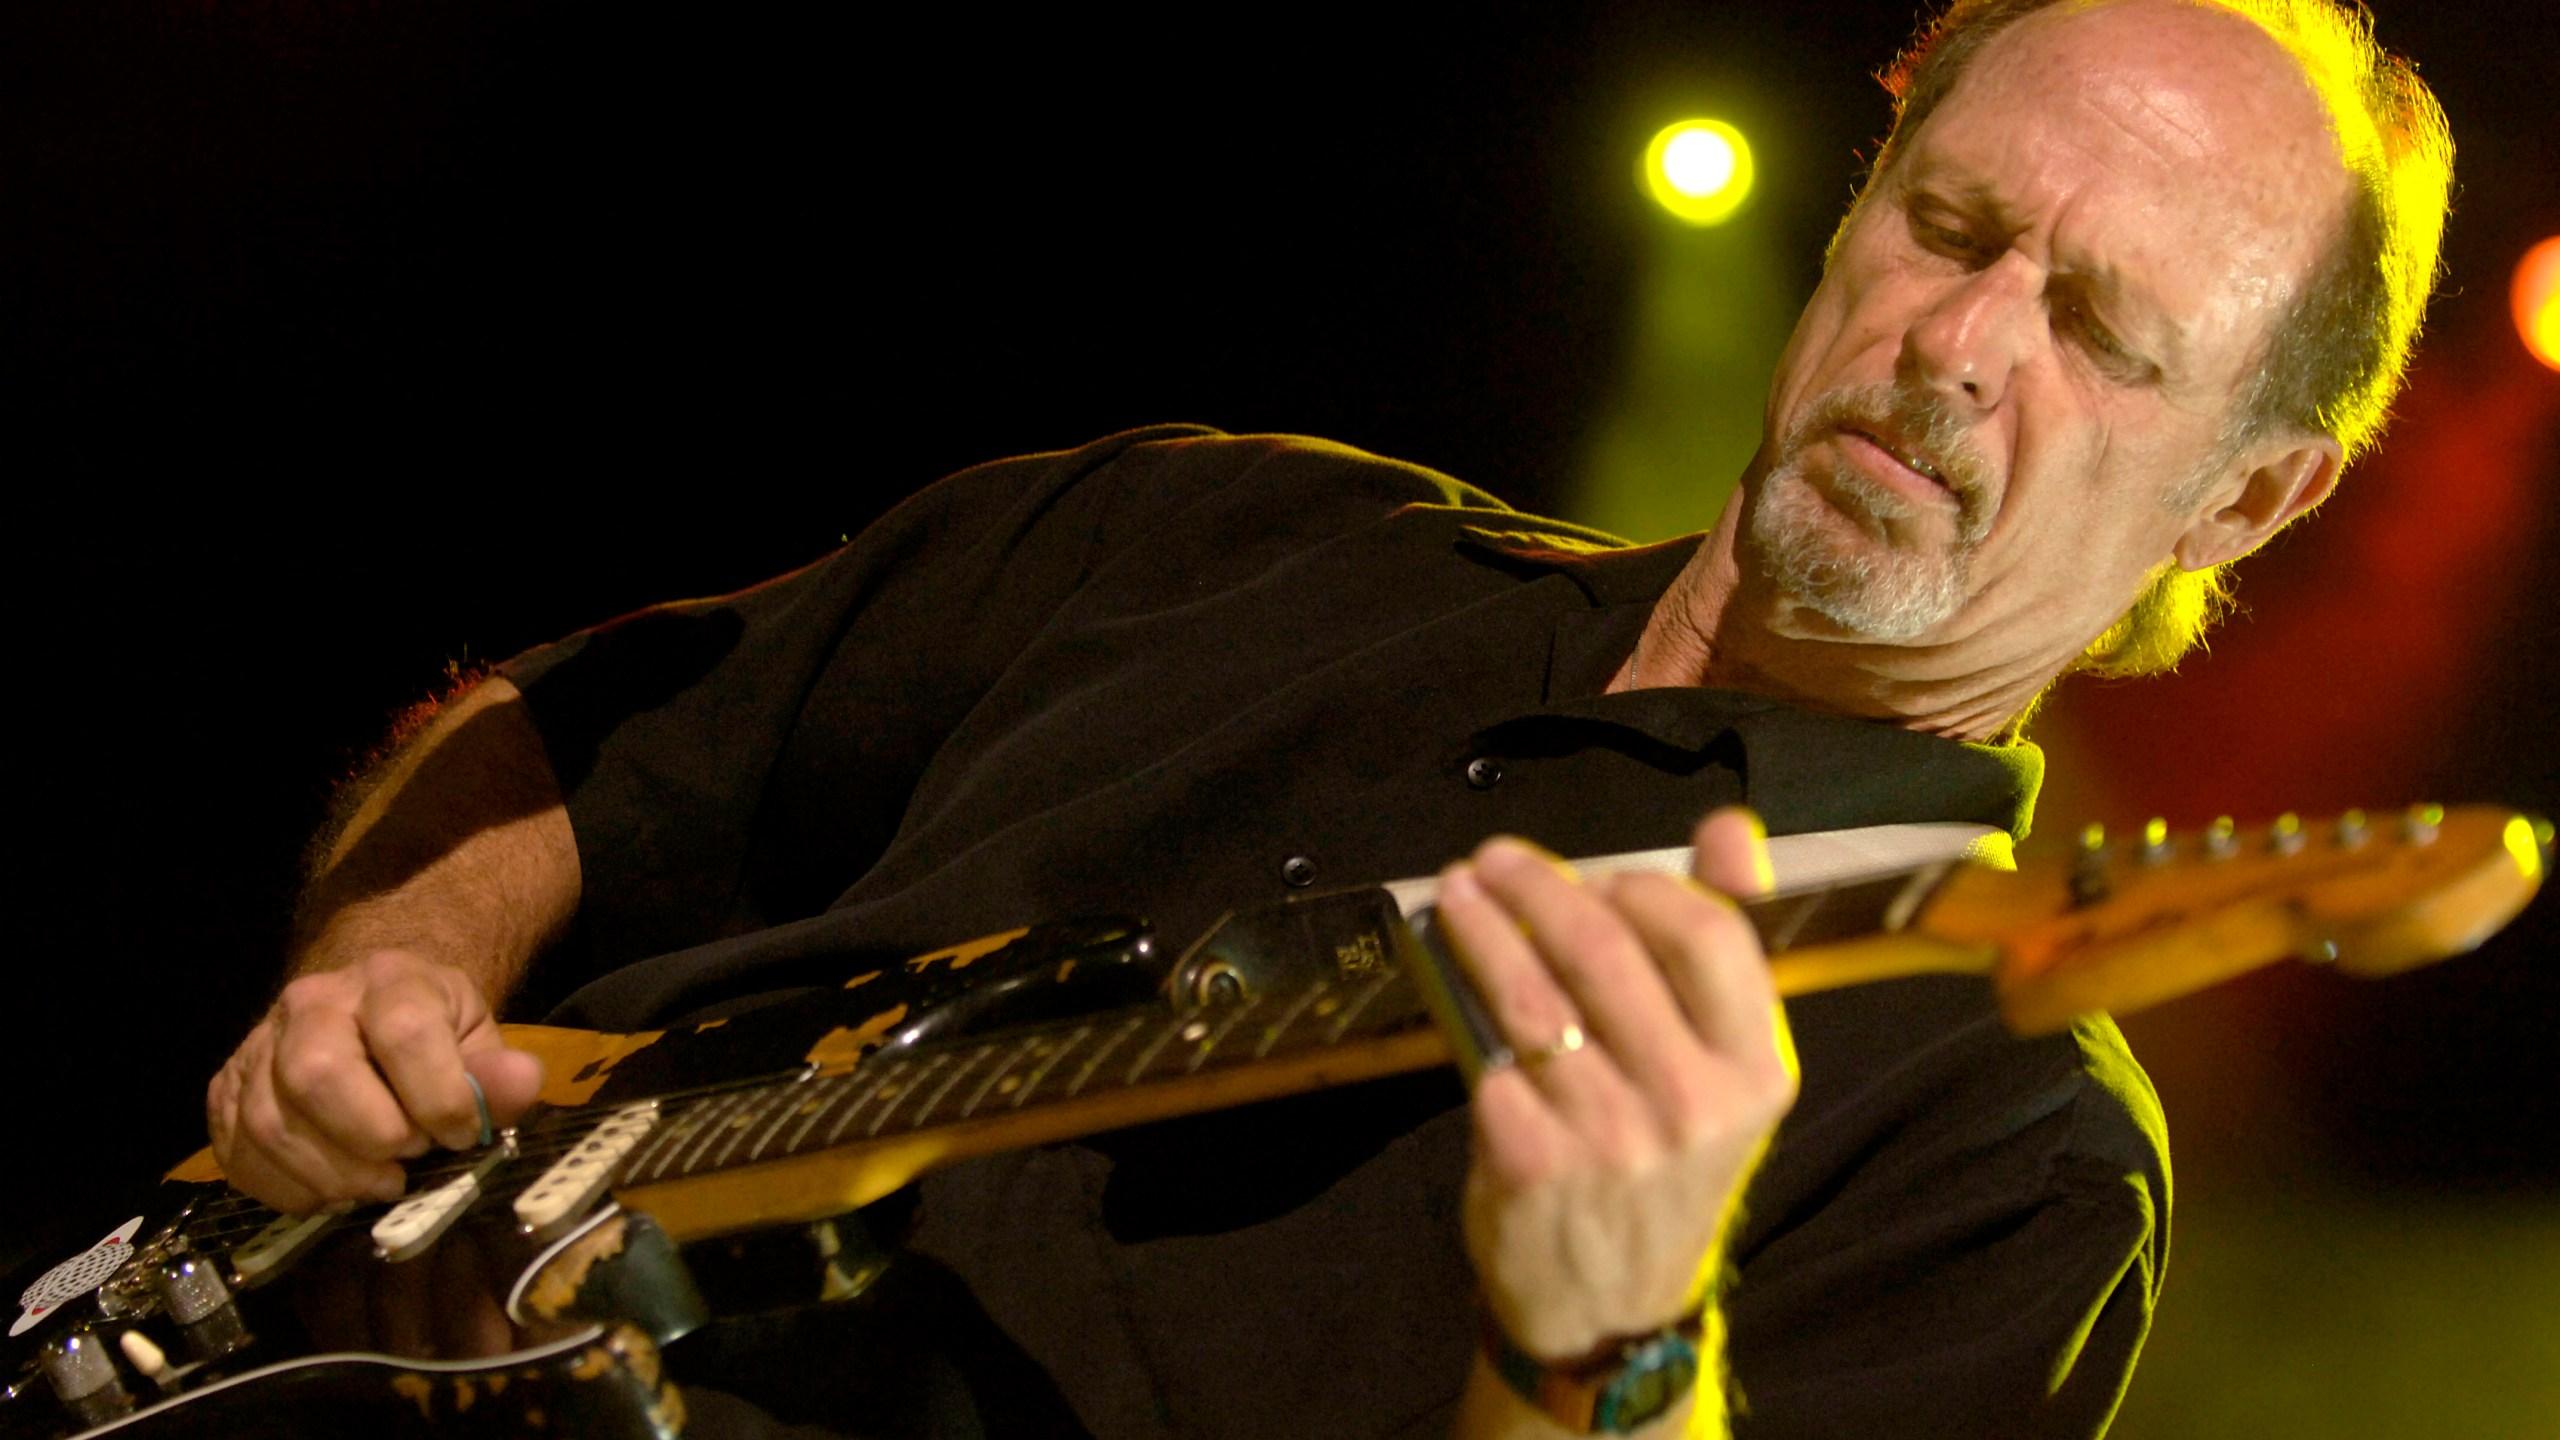 Paul Barrere